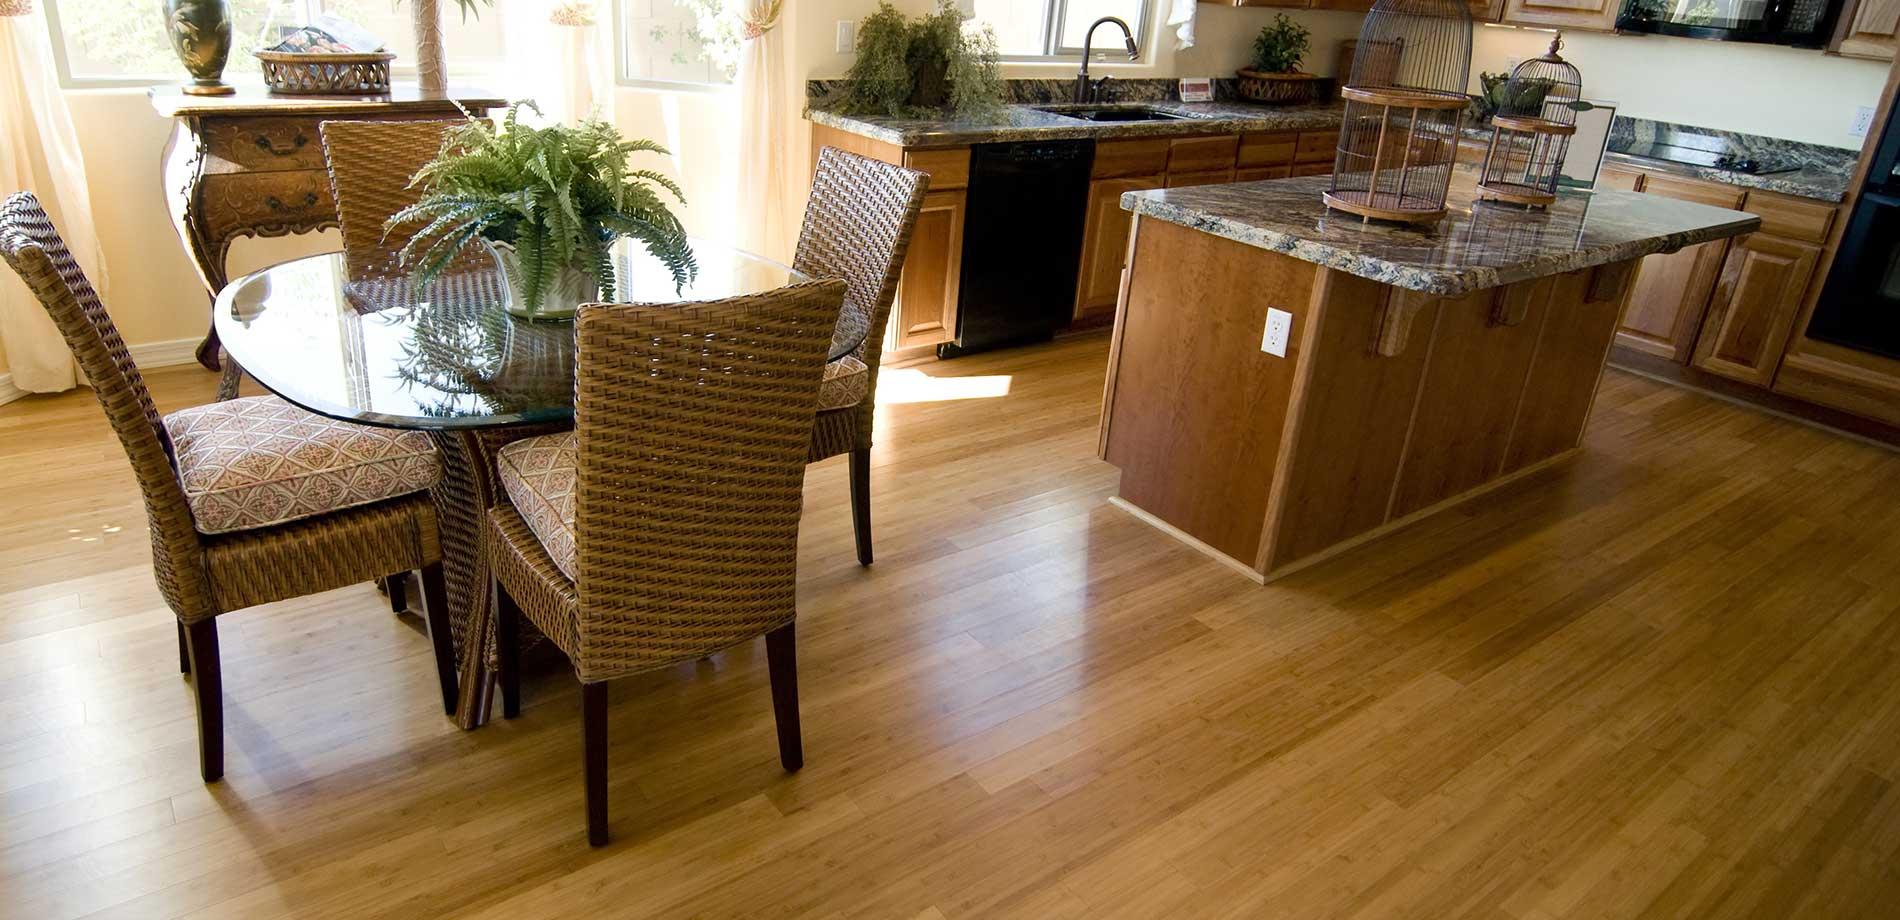 How Do New Floors Change Home Value